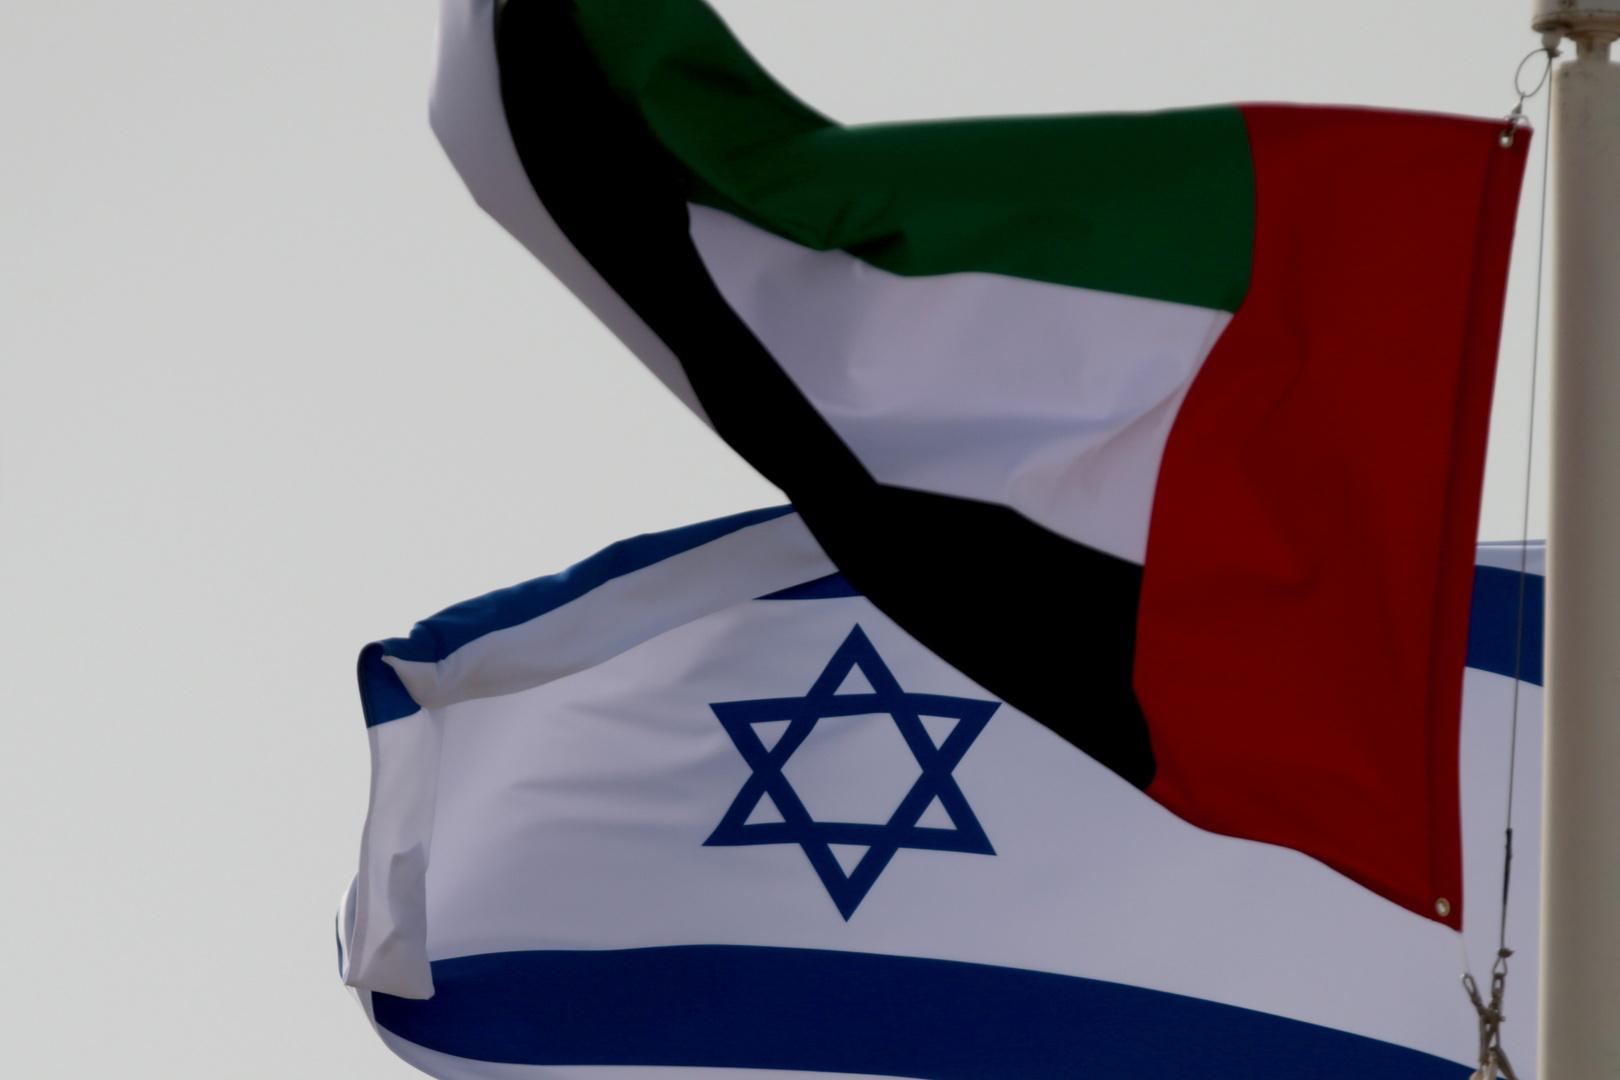 العلم الإماراتي والعلم الإسرائيلي